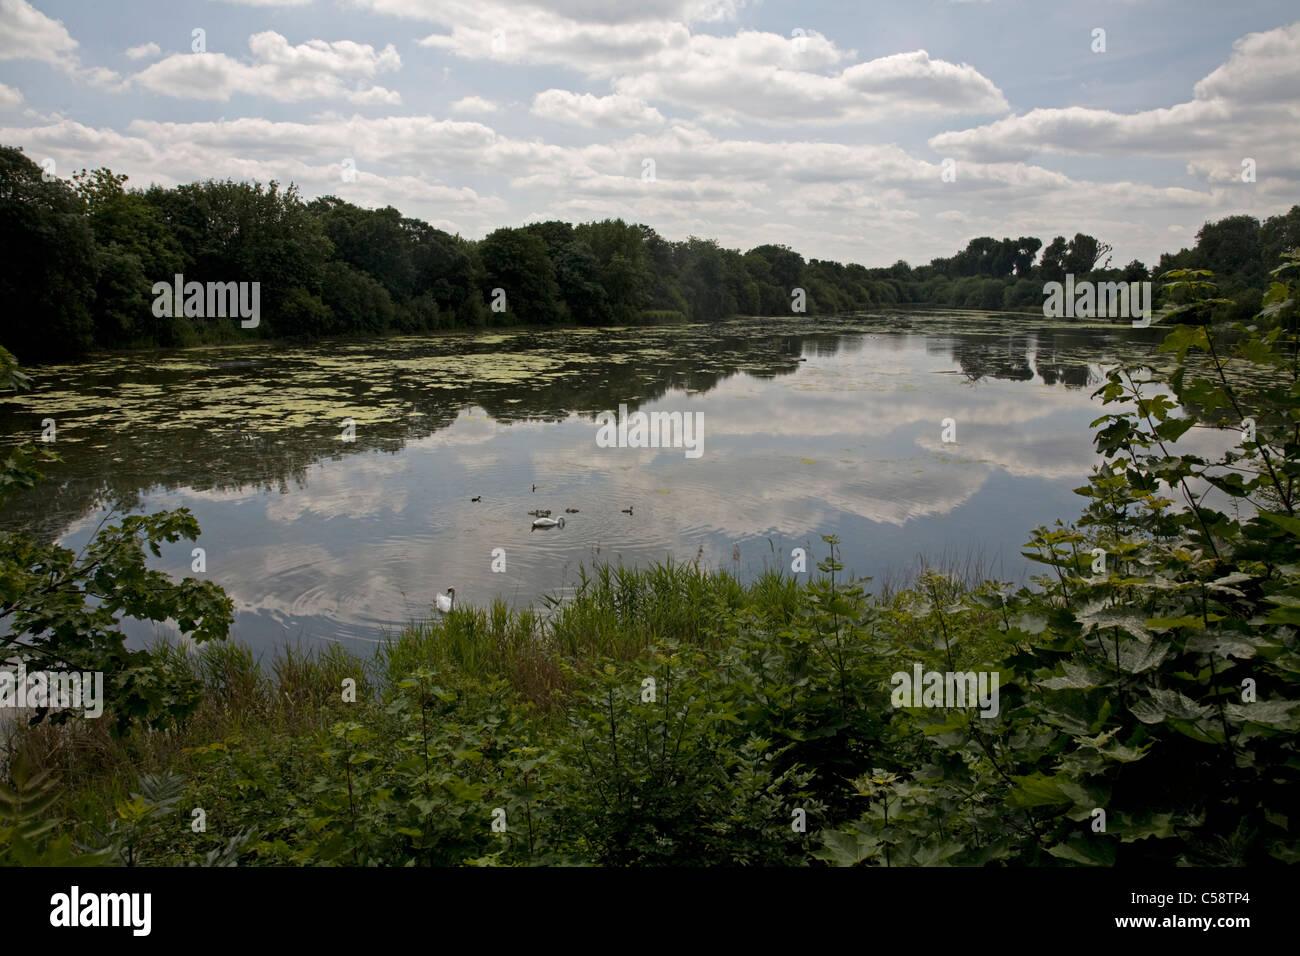 leg o mutton lake & nature trail richmond london england - Stock Image